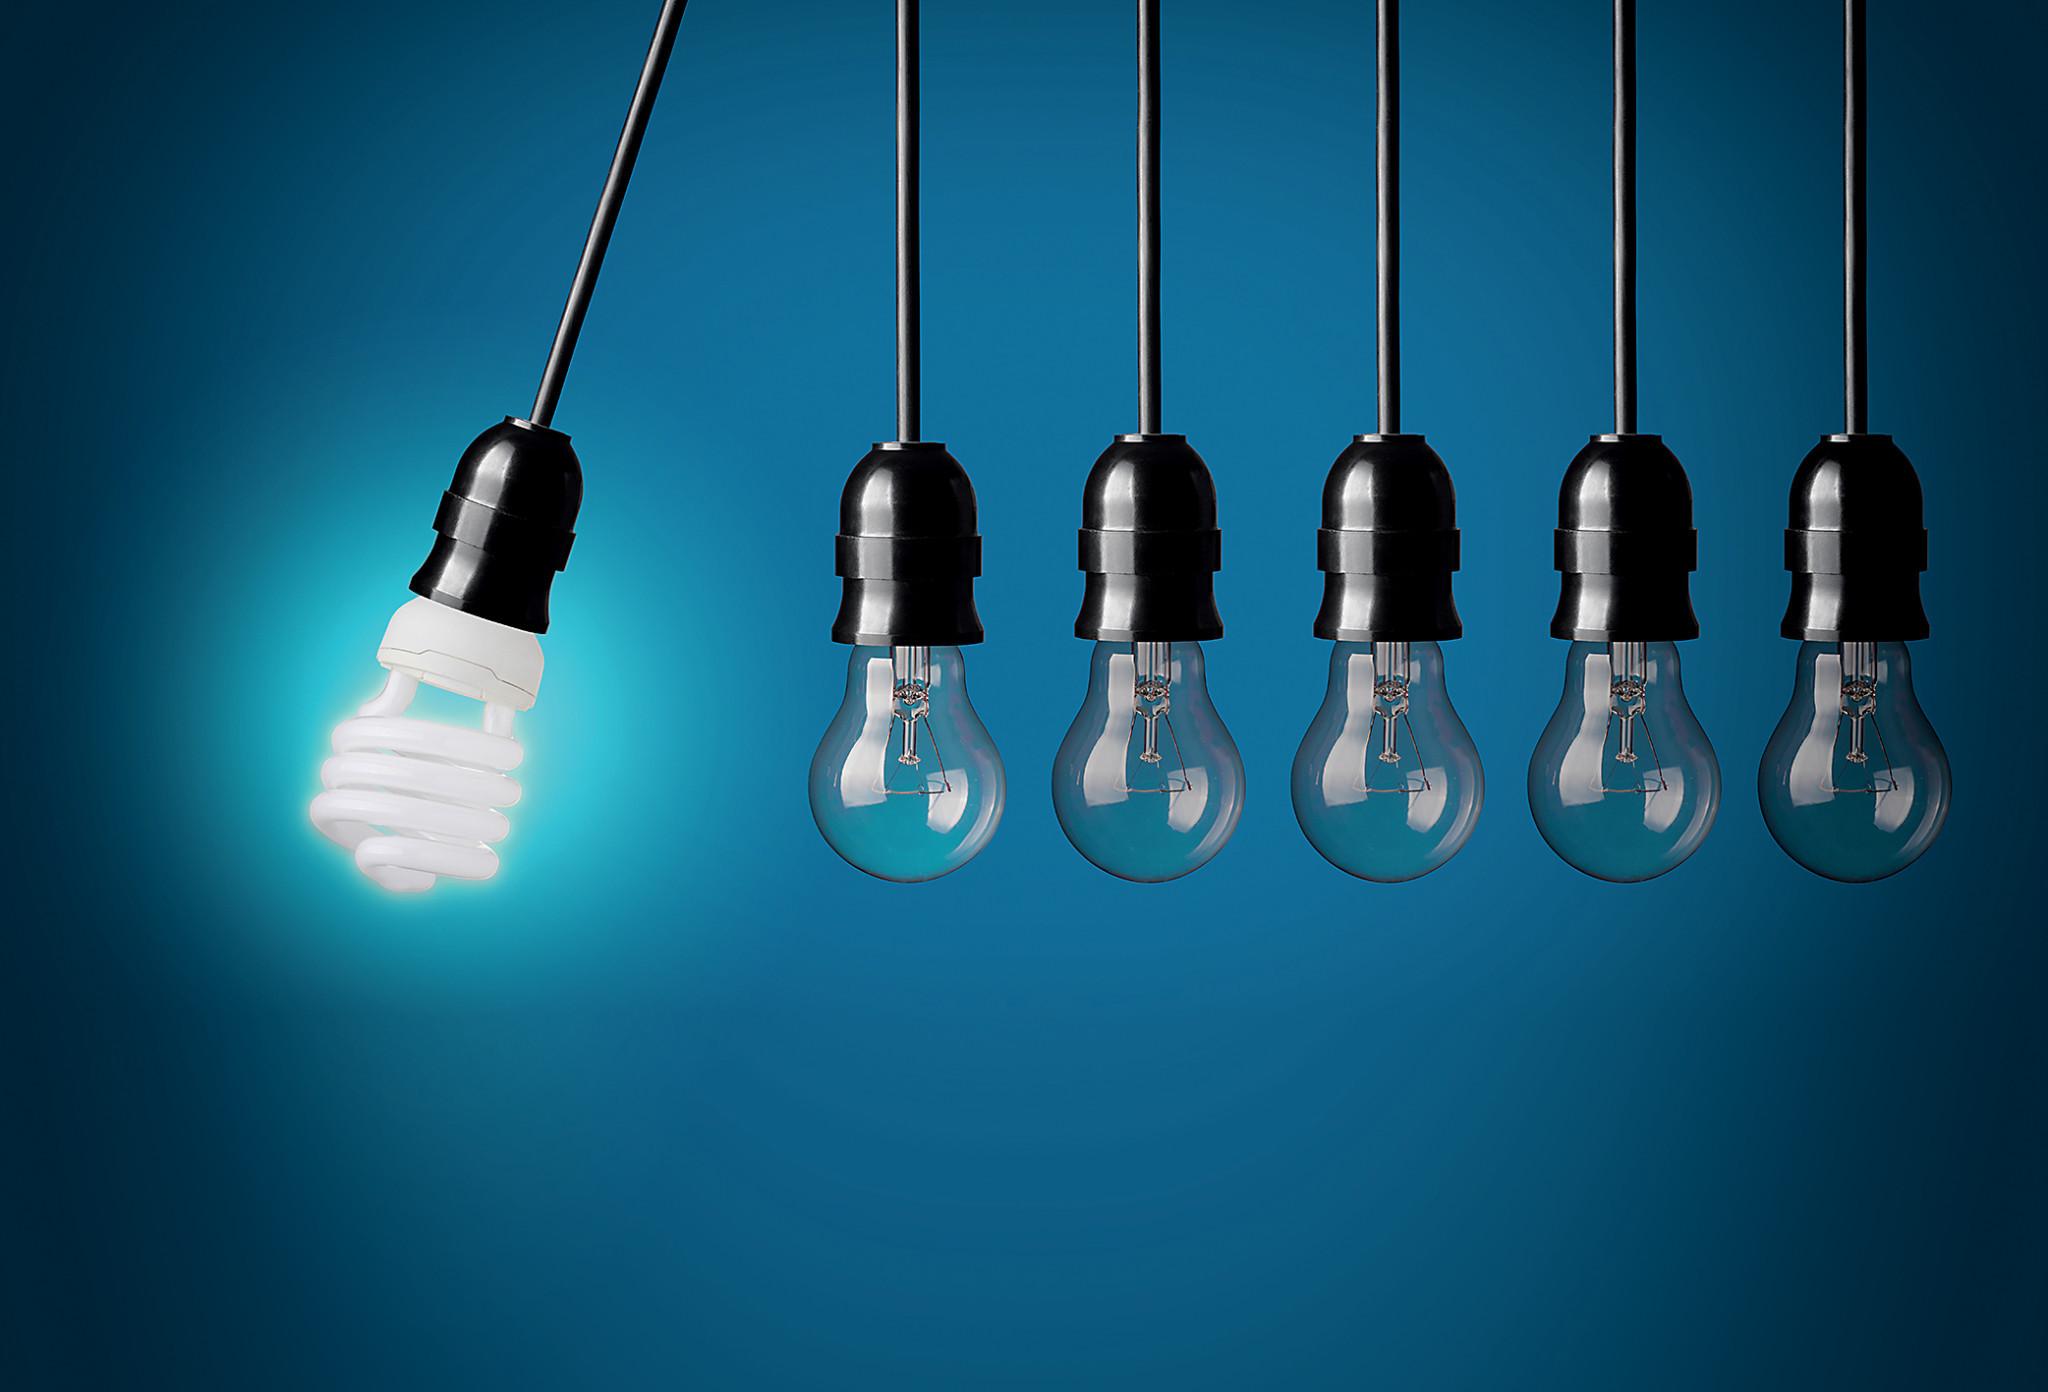 Энергосберегающие лампы: использование и риски